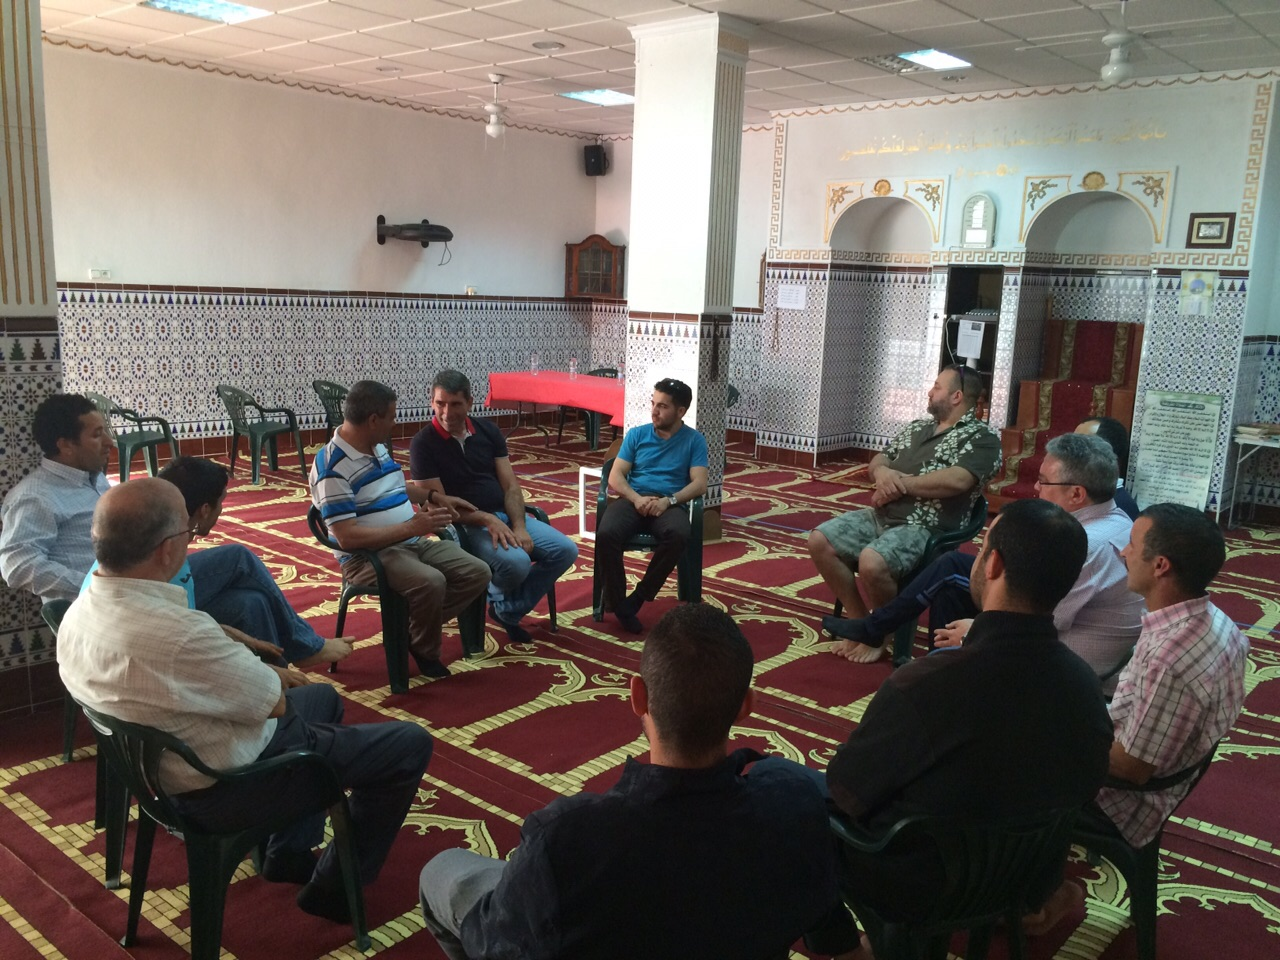 El candidato a la alcaldía de Plasencia  por el PSOE visita los musulmanes